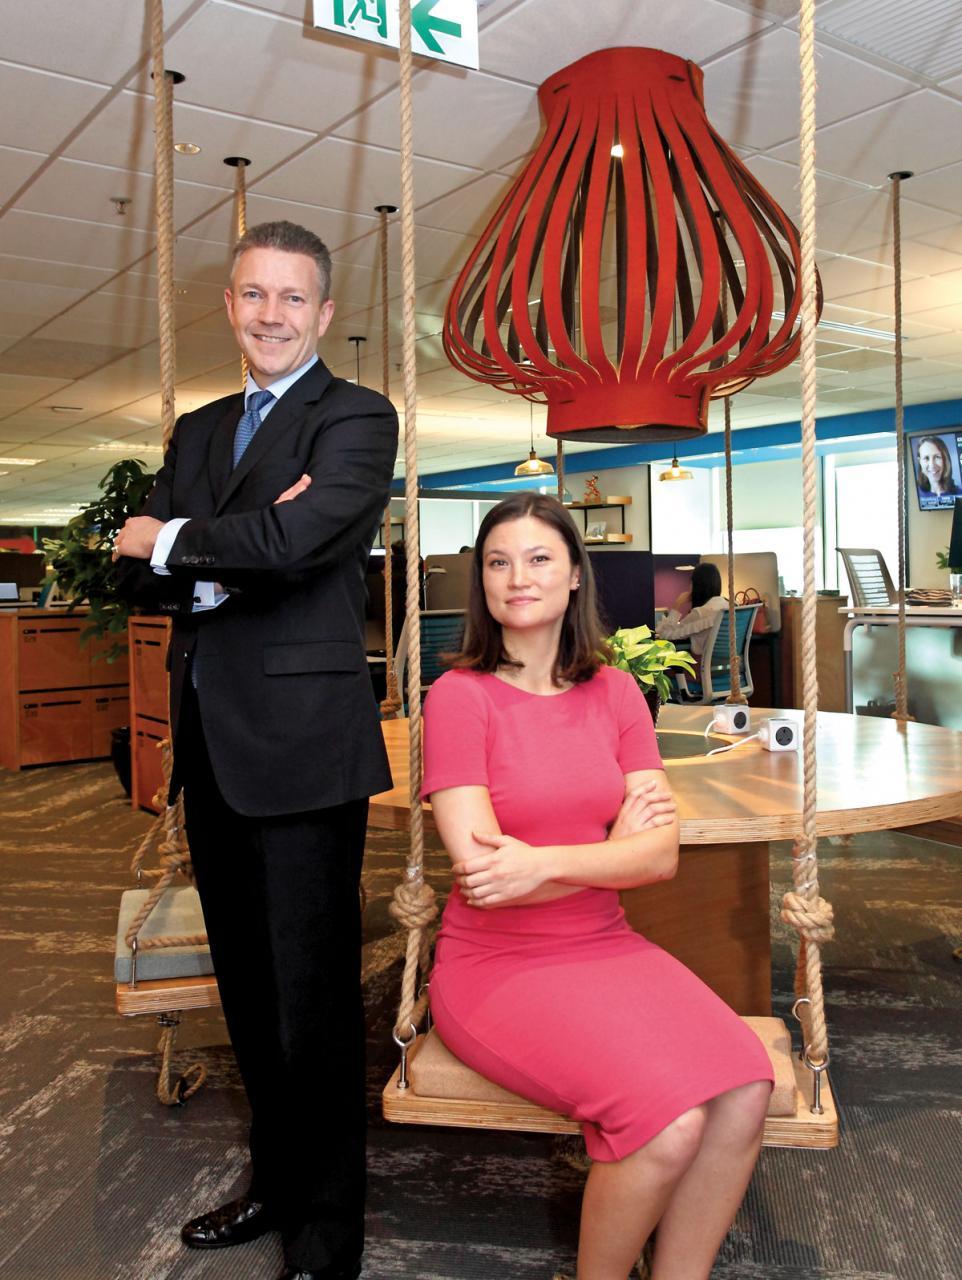 高力國際香港董事總經理施禮賢(左)及國際WELL建築研究院業務發展總監Samantha(右)分享其健康職場的心得,圖中的韆鞦座椅就是施禮賢最滿意的地方。 P07:高力國際香港的辦公室採用ABW,員工可以自由選擇不同高度及款式的辦公桌椅。